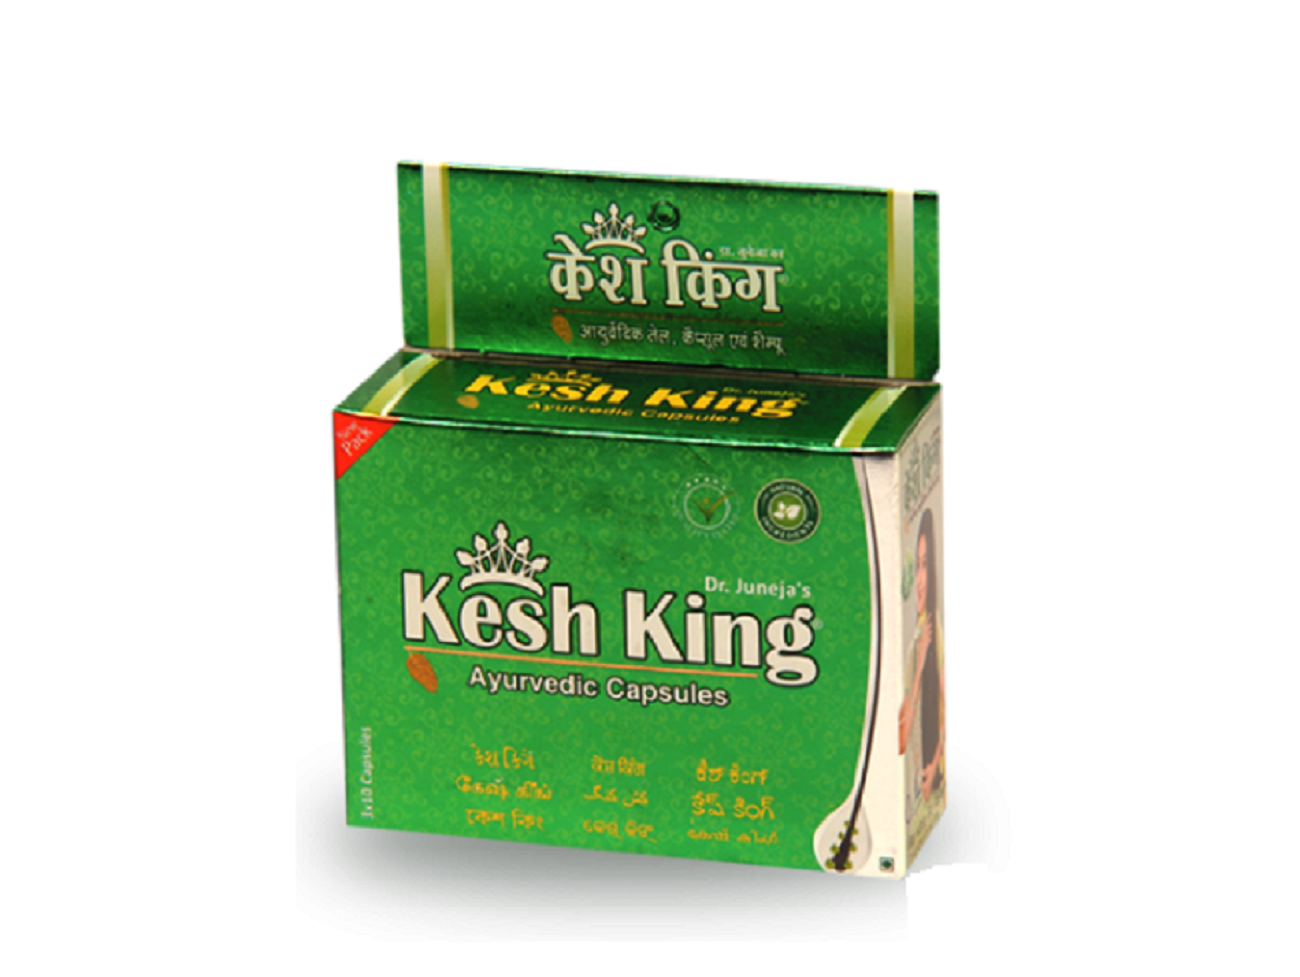 kesh-king-capsules-650x489_0